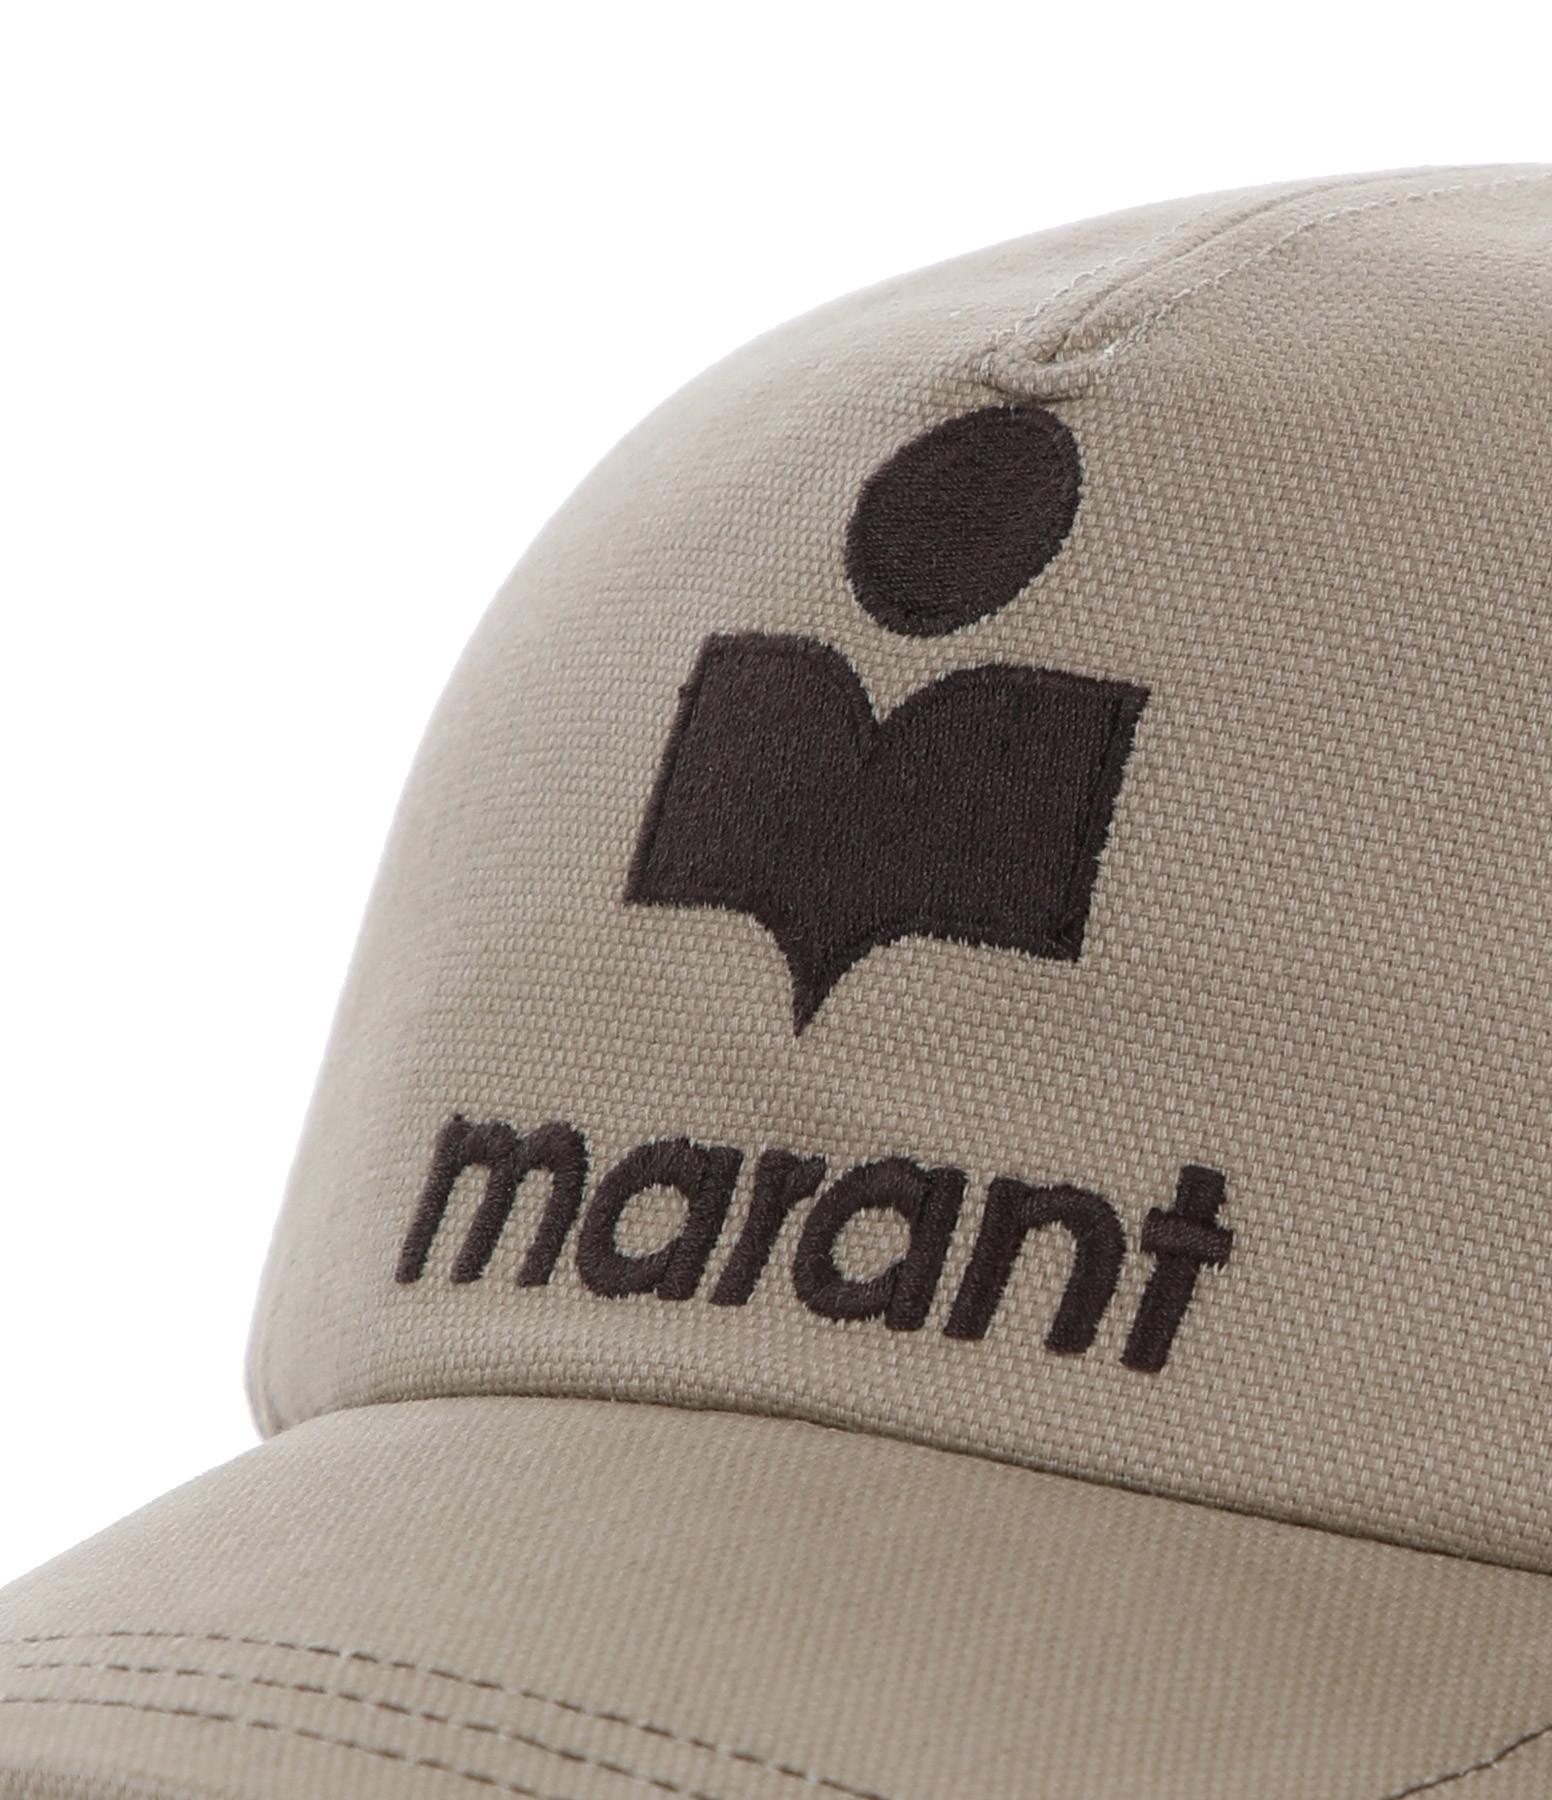 ISABEL MARANT - Casquette Tyron Coton Beige